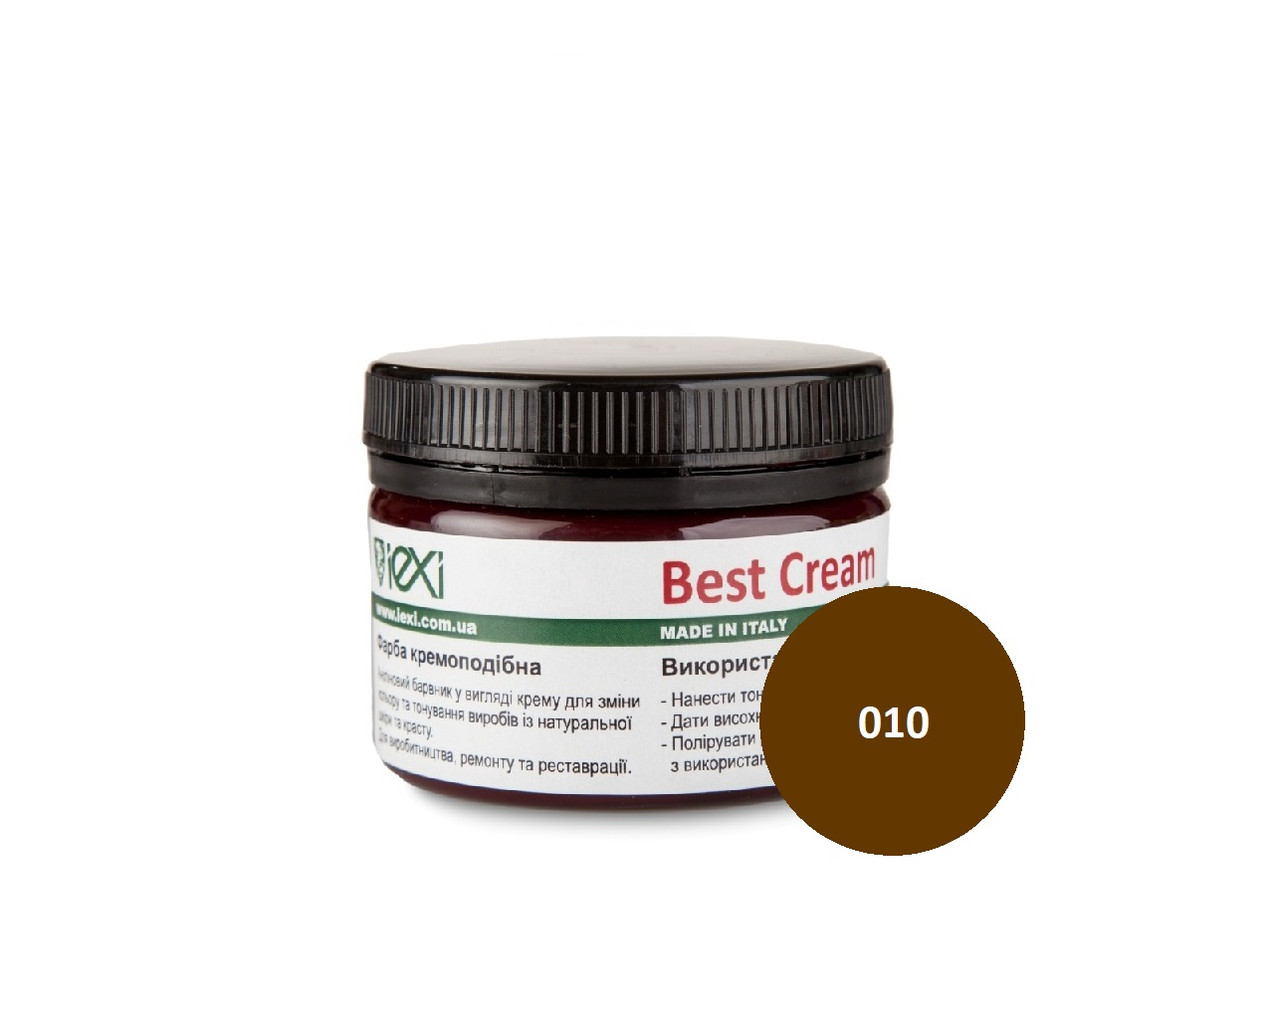 Крем-краска Best Cream для гладкой кожи  100 мл, Темно-коричневый